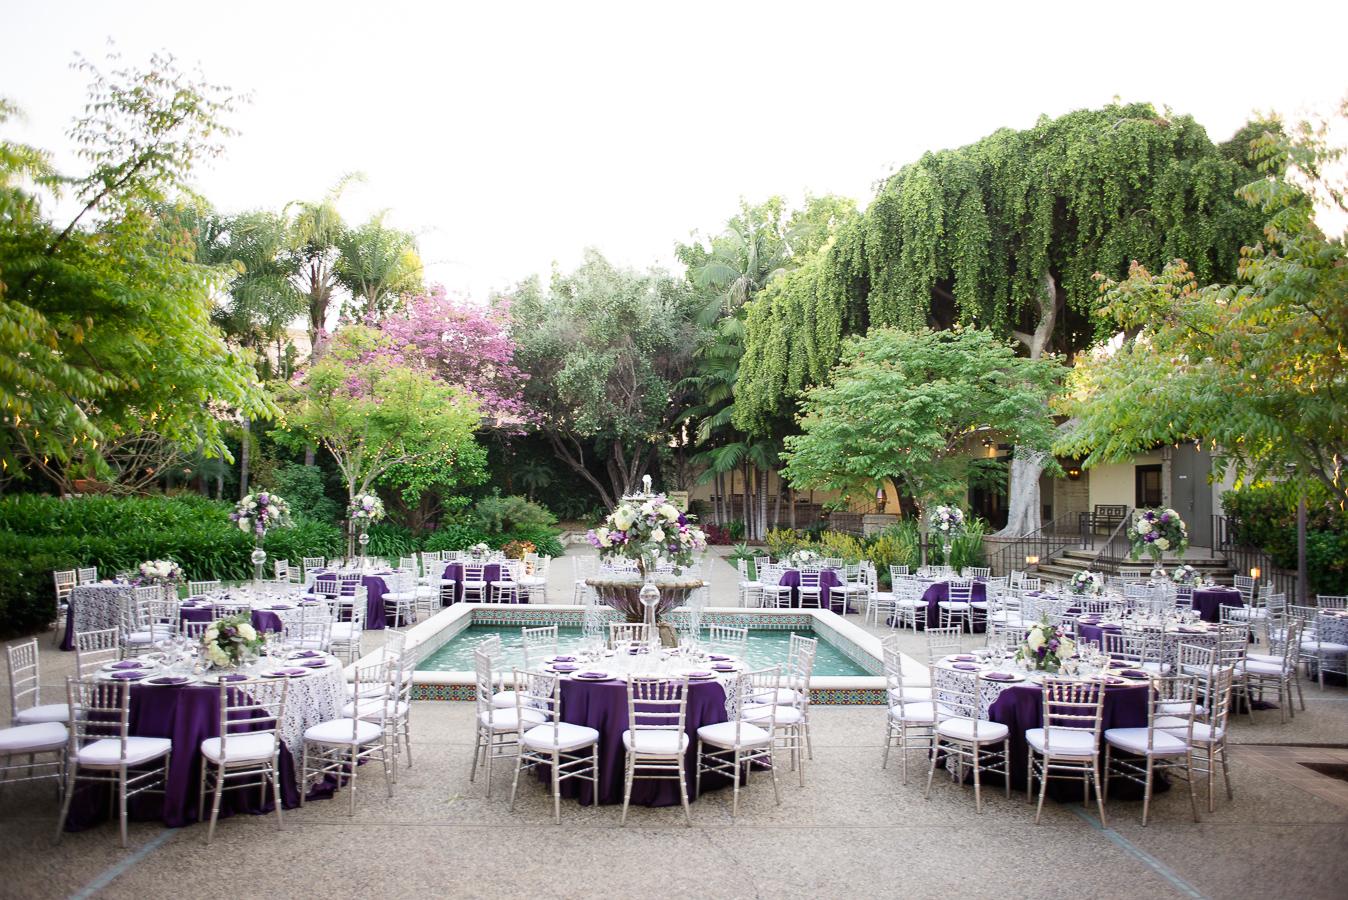 la river center and gardens